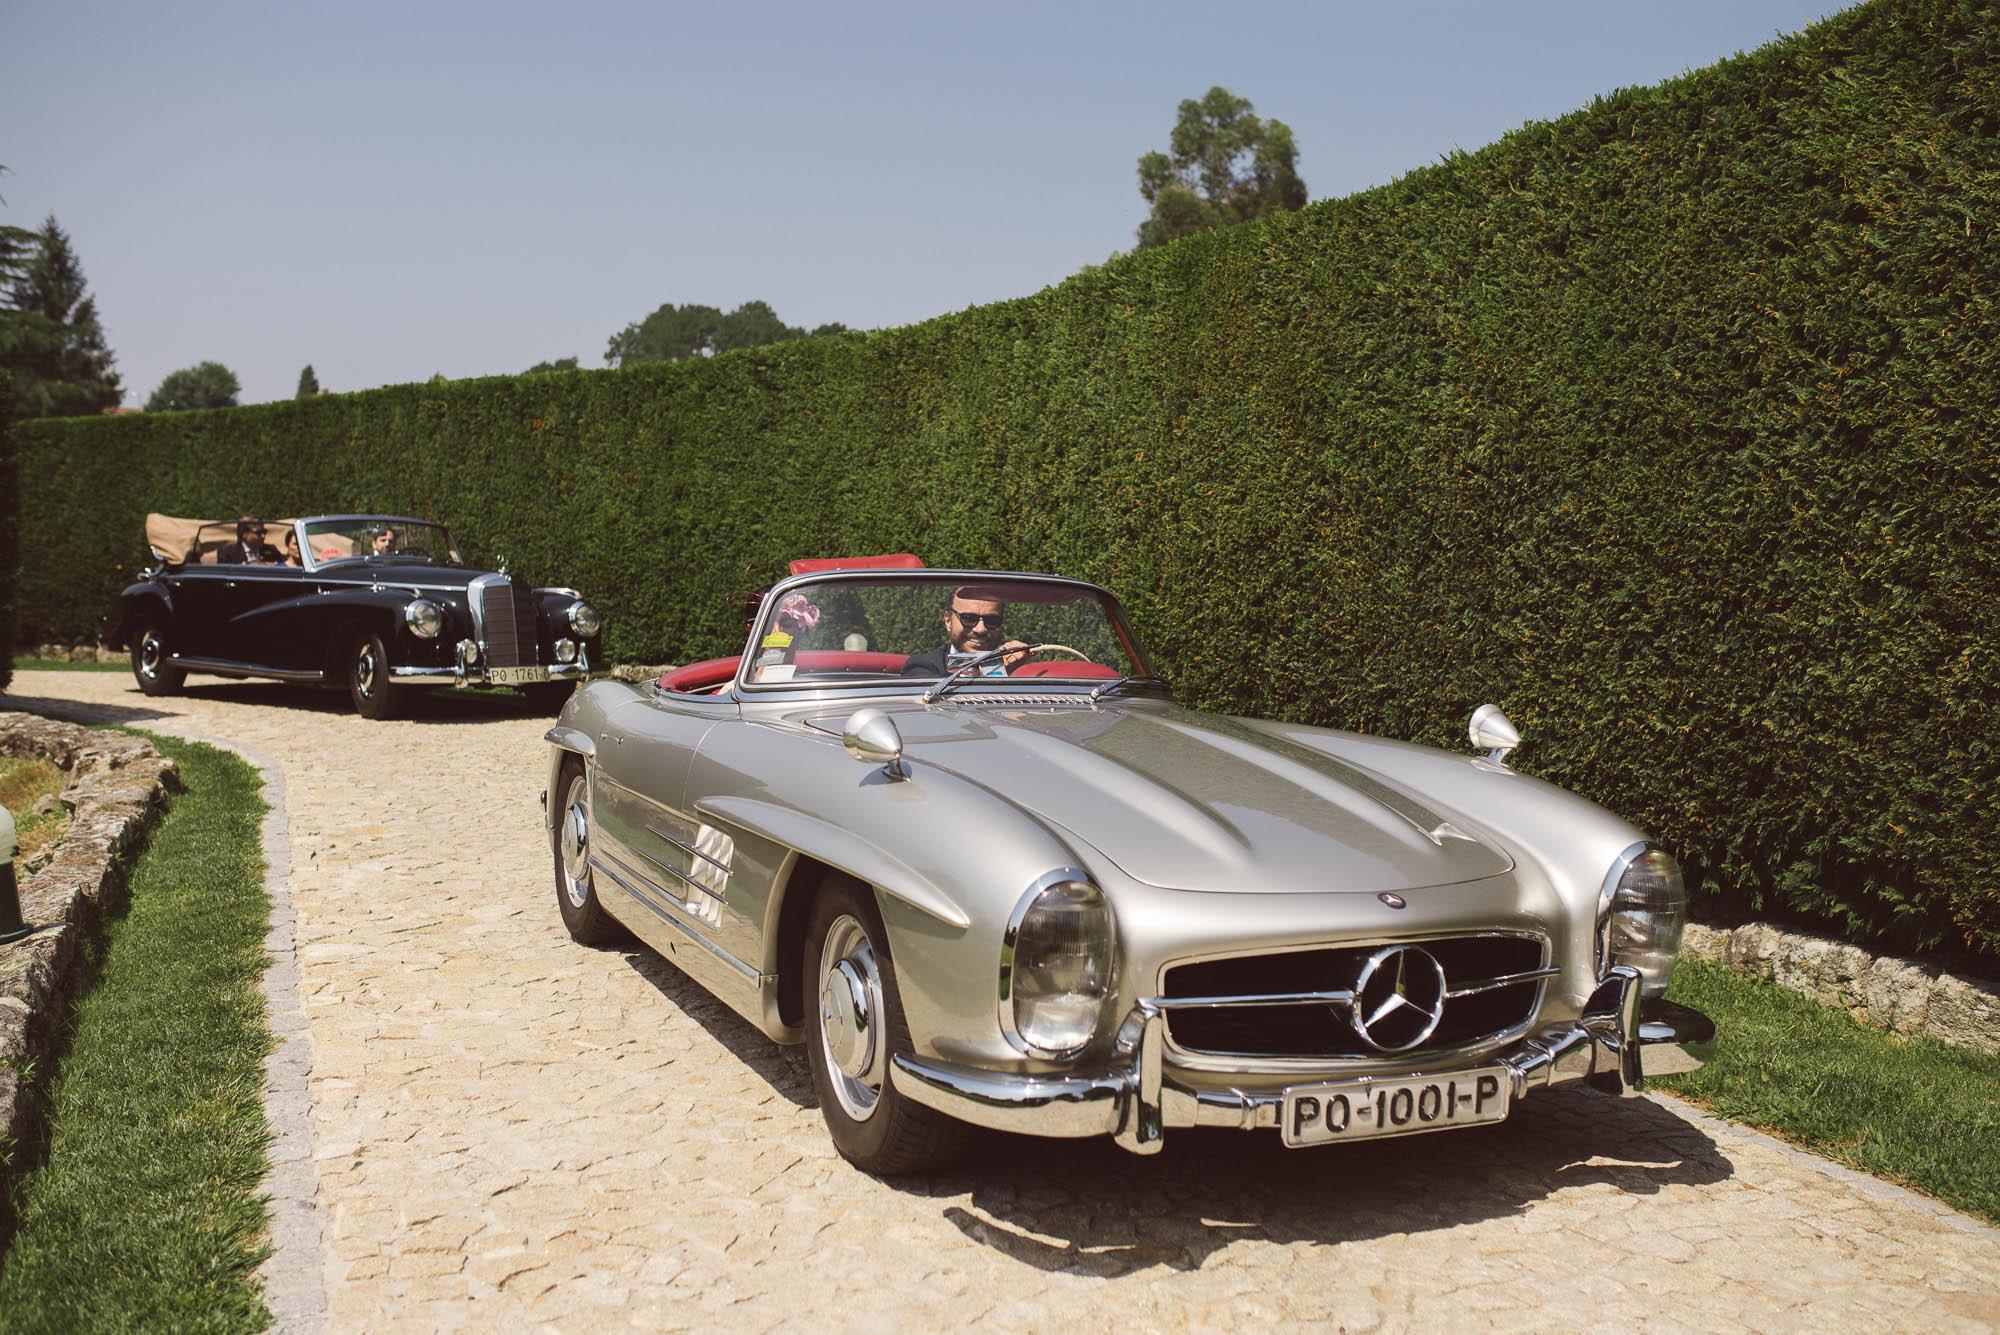 El invitado llega a la boda en un coche lujoso